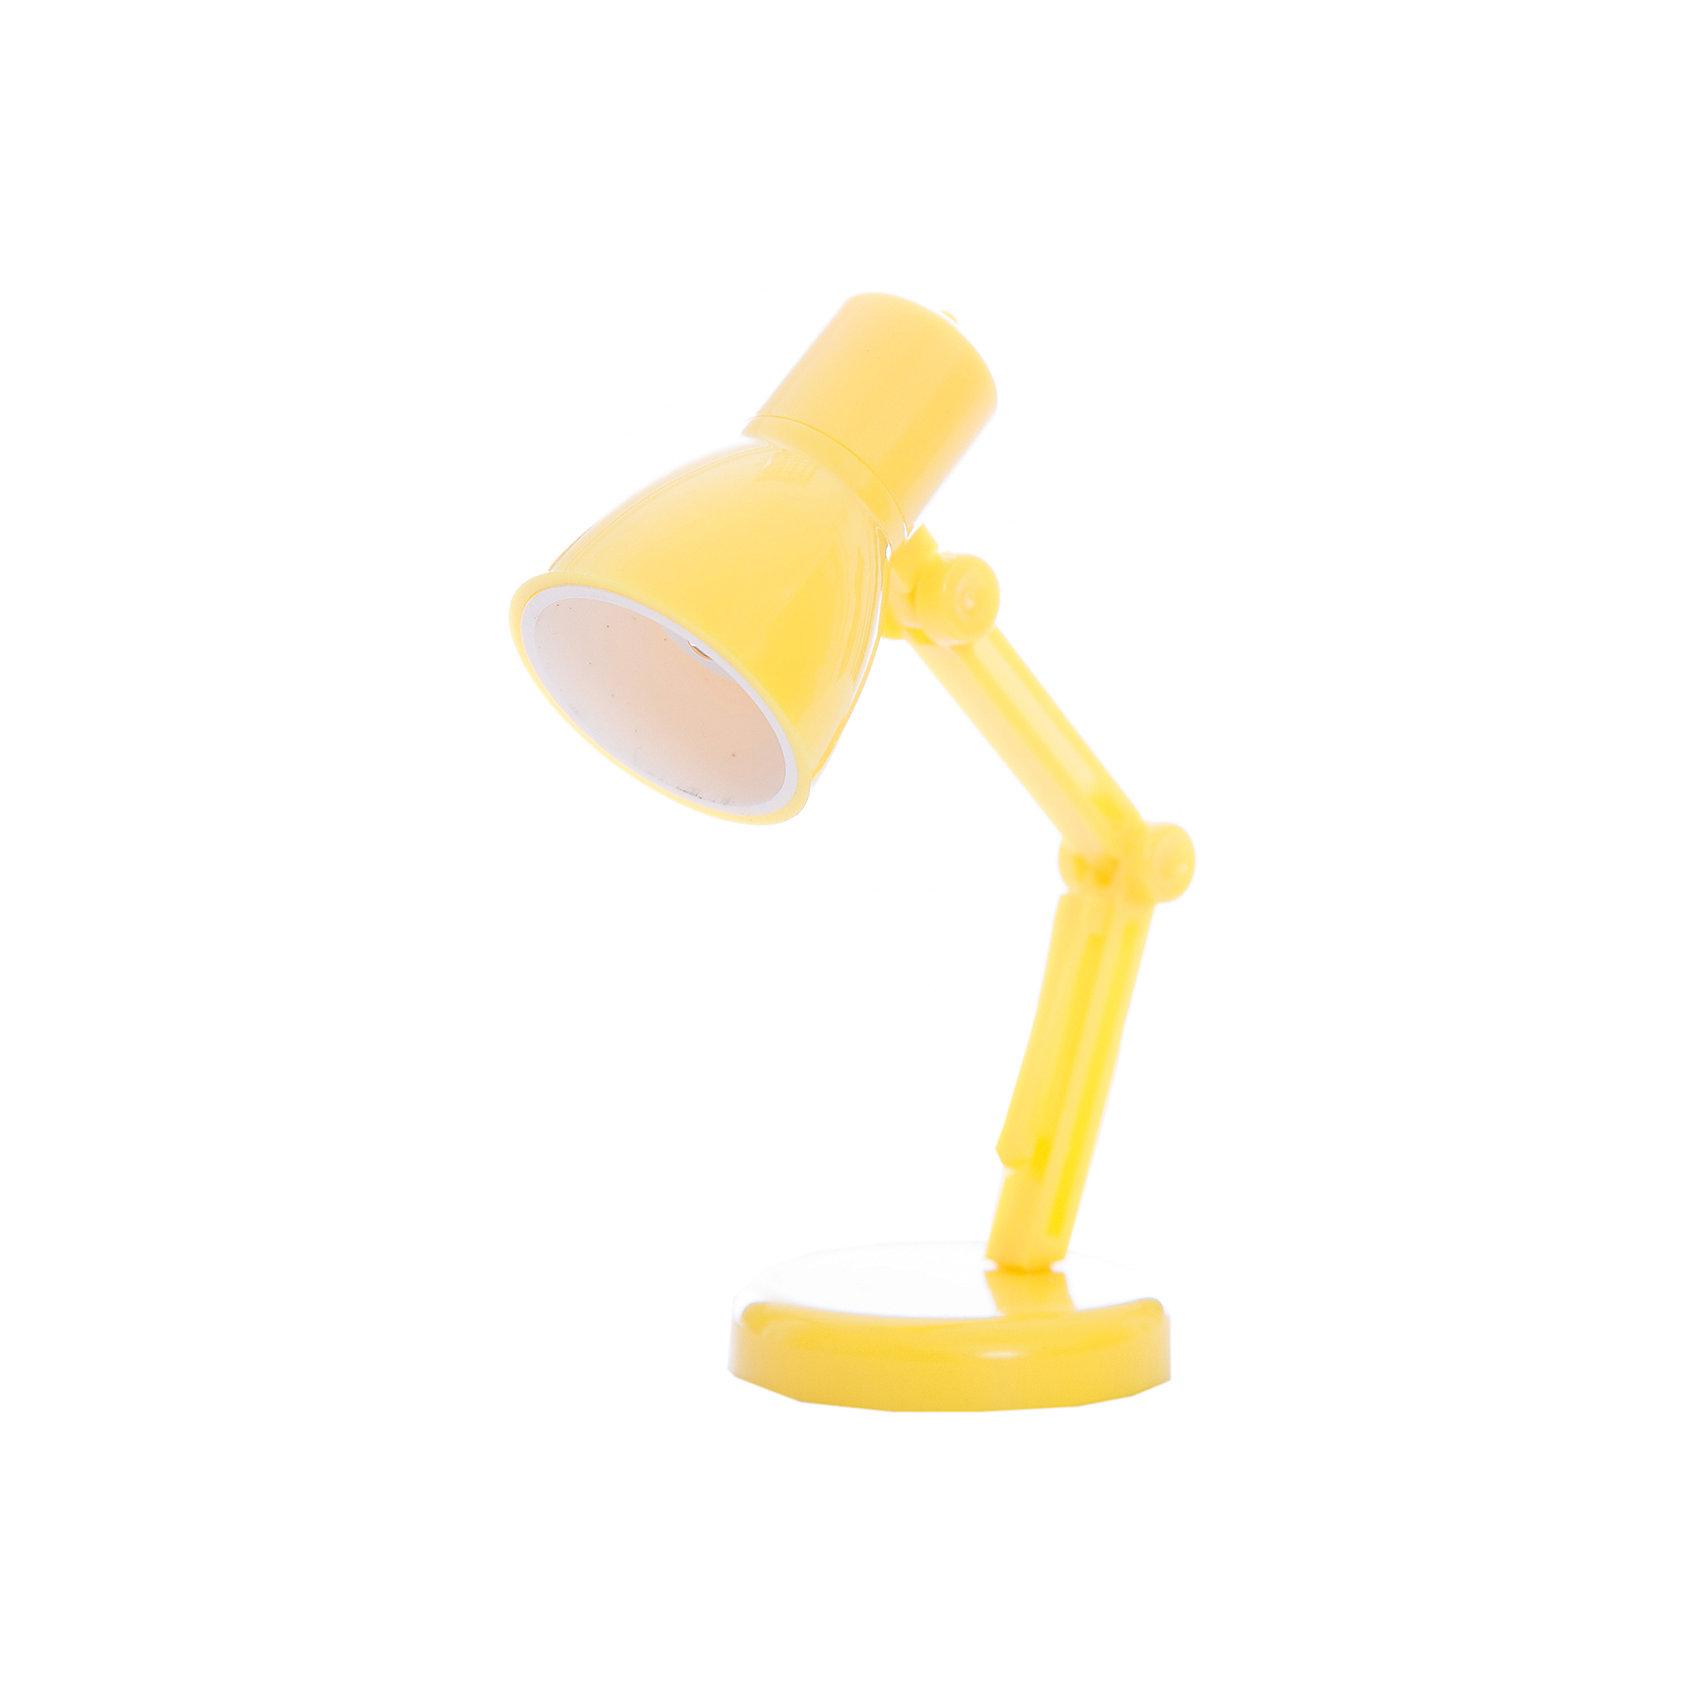 Фонарь портативный Минилампа желтая электрический со светодиодной лампой, Феникс-ПрезентДетские предметы интерьера<br>Фонарь портативный Минилампа желтая электрический со светодиодной лампой, Феникс-Презент<br><br>Характеристики:<br><br>• компактный фонарик со светодиодной лампой<br>• размер: 12х4,6 см<br>• корпус из АБС пластика<br>• светодиодная лампа DIA 5 мм<br>• питание: батарейка AG 10 - 3 шт.<br>• цвет: желтый<br><br>С портативным фонариком Минилампа желтый вы сможете найти потерянные предметы или даже почитать в темноте. Компактный размер позволяет брать фонарик с собой. При этом светодиодные лампы обладают достаточной мощностью для полноценного освещения. Корпус изделия изготовлен из ударопрочного пластика. Фонарик выполнен в виде лампы.<br><br>Фонарь портативный Минилампа желтый электрический со светодиодной лампой, Феникс-Презент можно купить в нашем интернет-магазине.<br><br>Ширина мм: 50<br>Глубина мм: 60<br>Высота мм: 120<br>Вес г: 56<br>Возраст от месяцев: 36<br>Возраст до месяцев: 2147483647<br>Пол: Унисекс<br>Возраст: Детский<br>SKU: 5449687